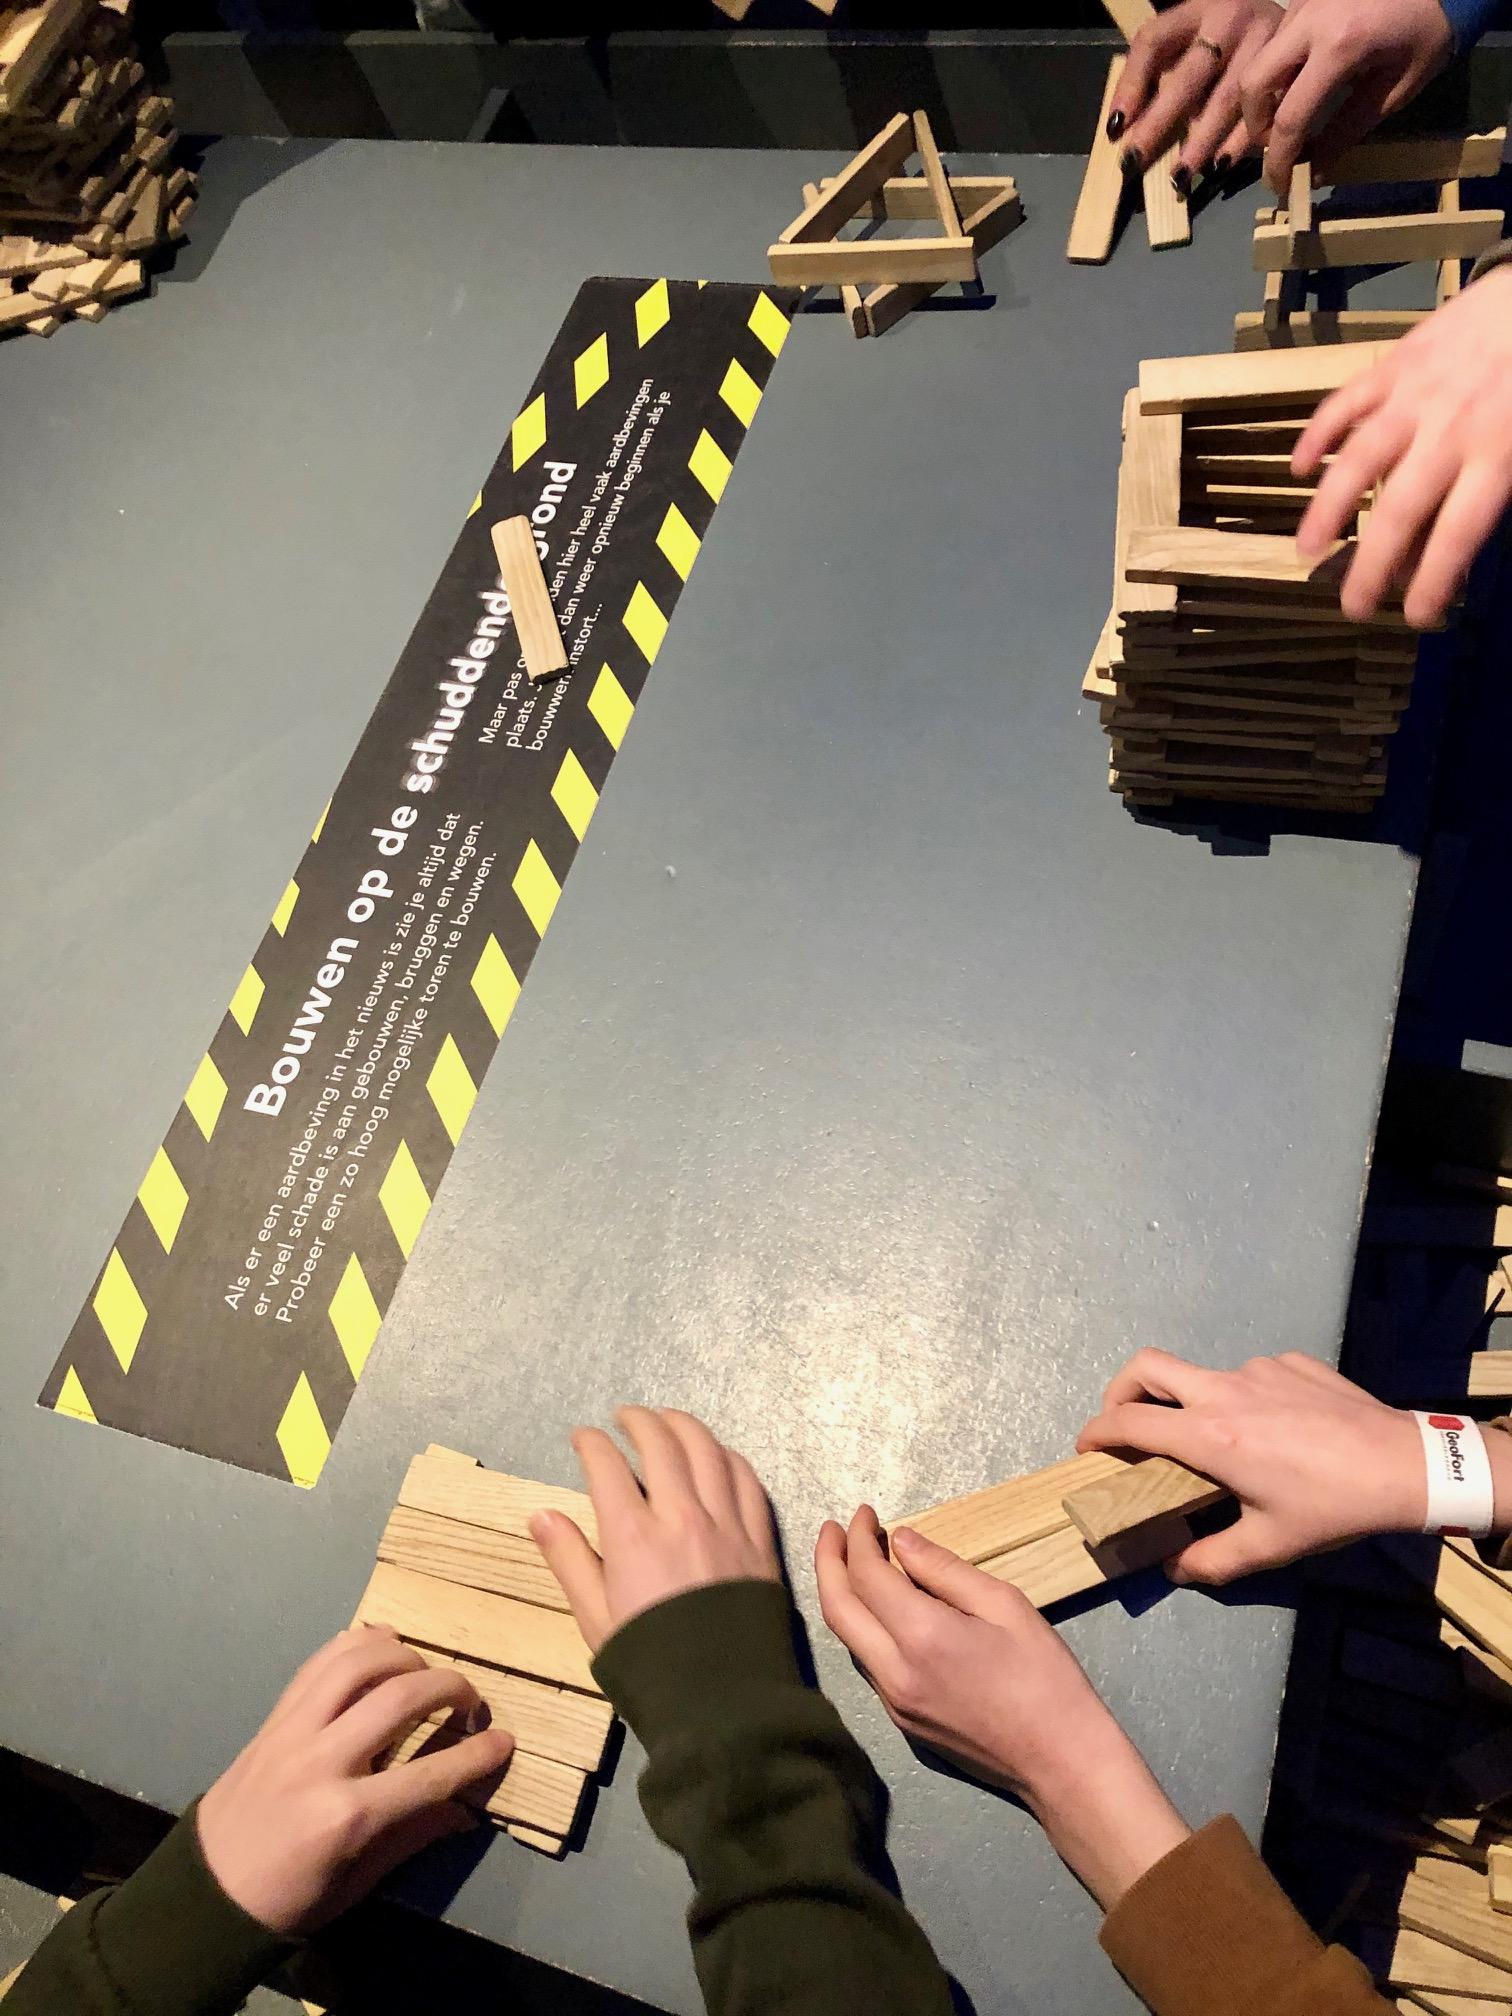 De schuddende tafel om een aardbeving na te bootsen